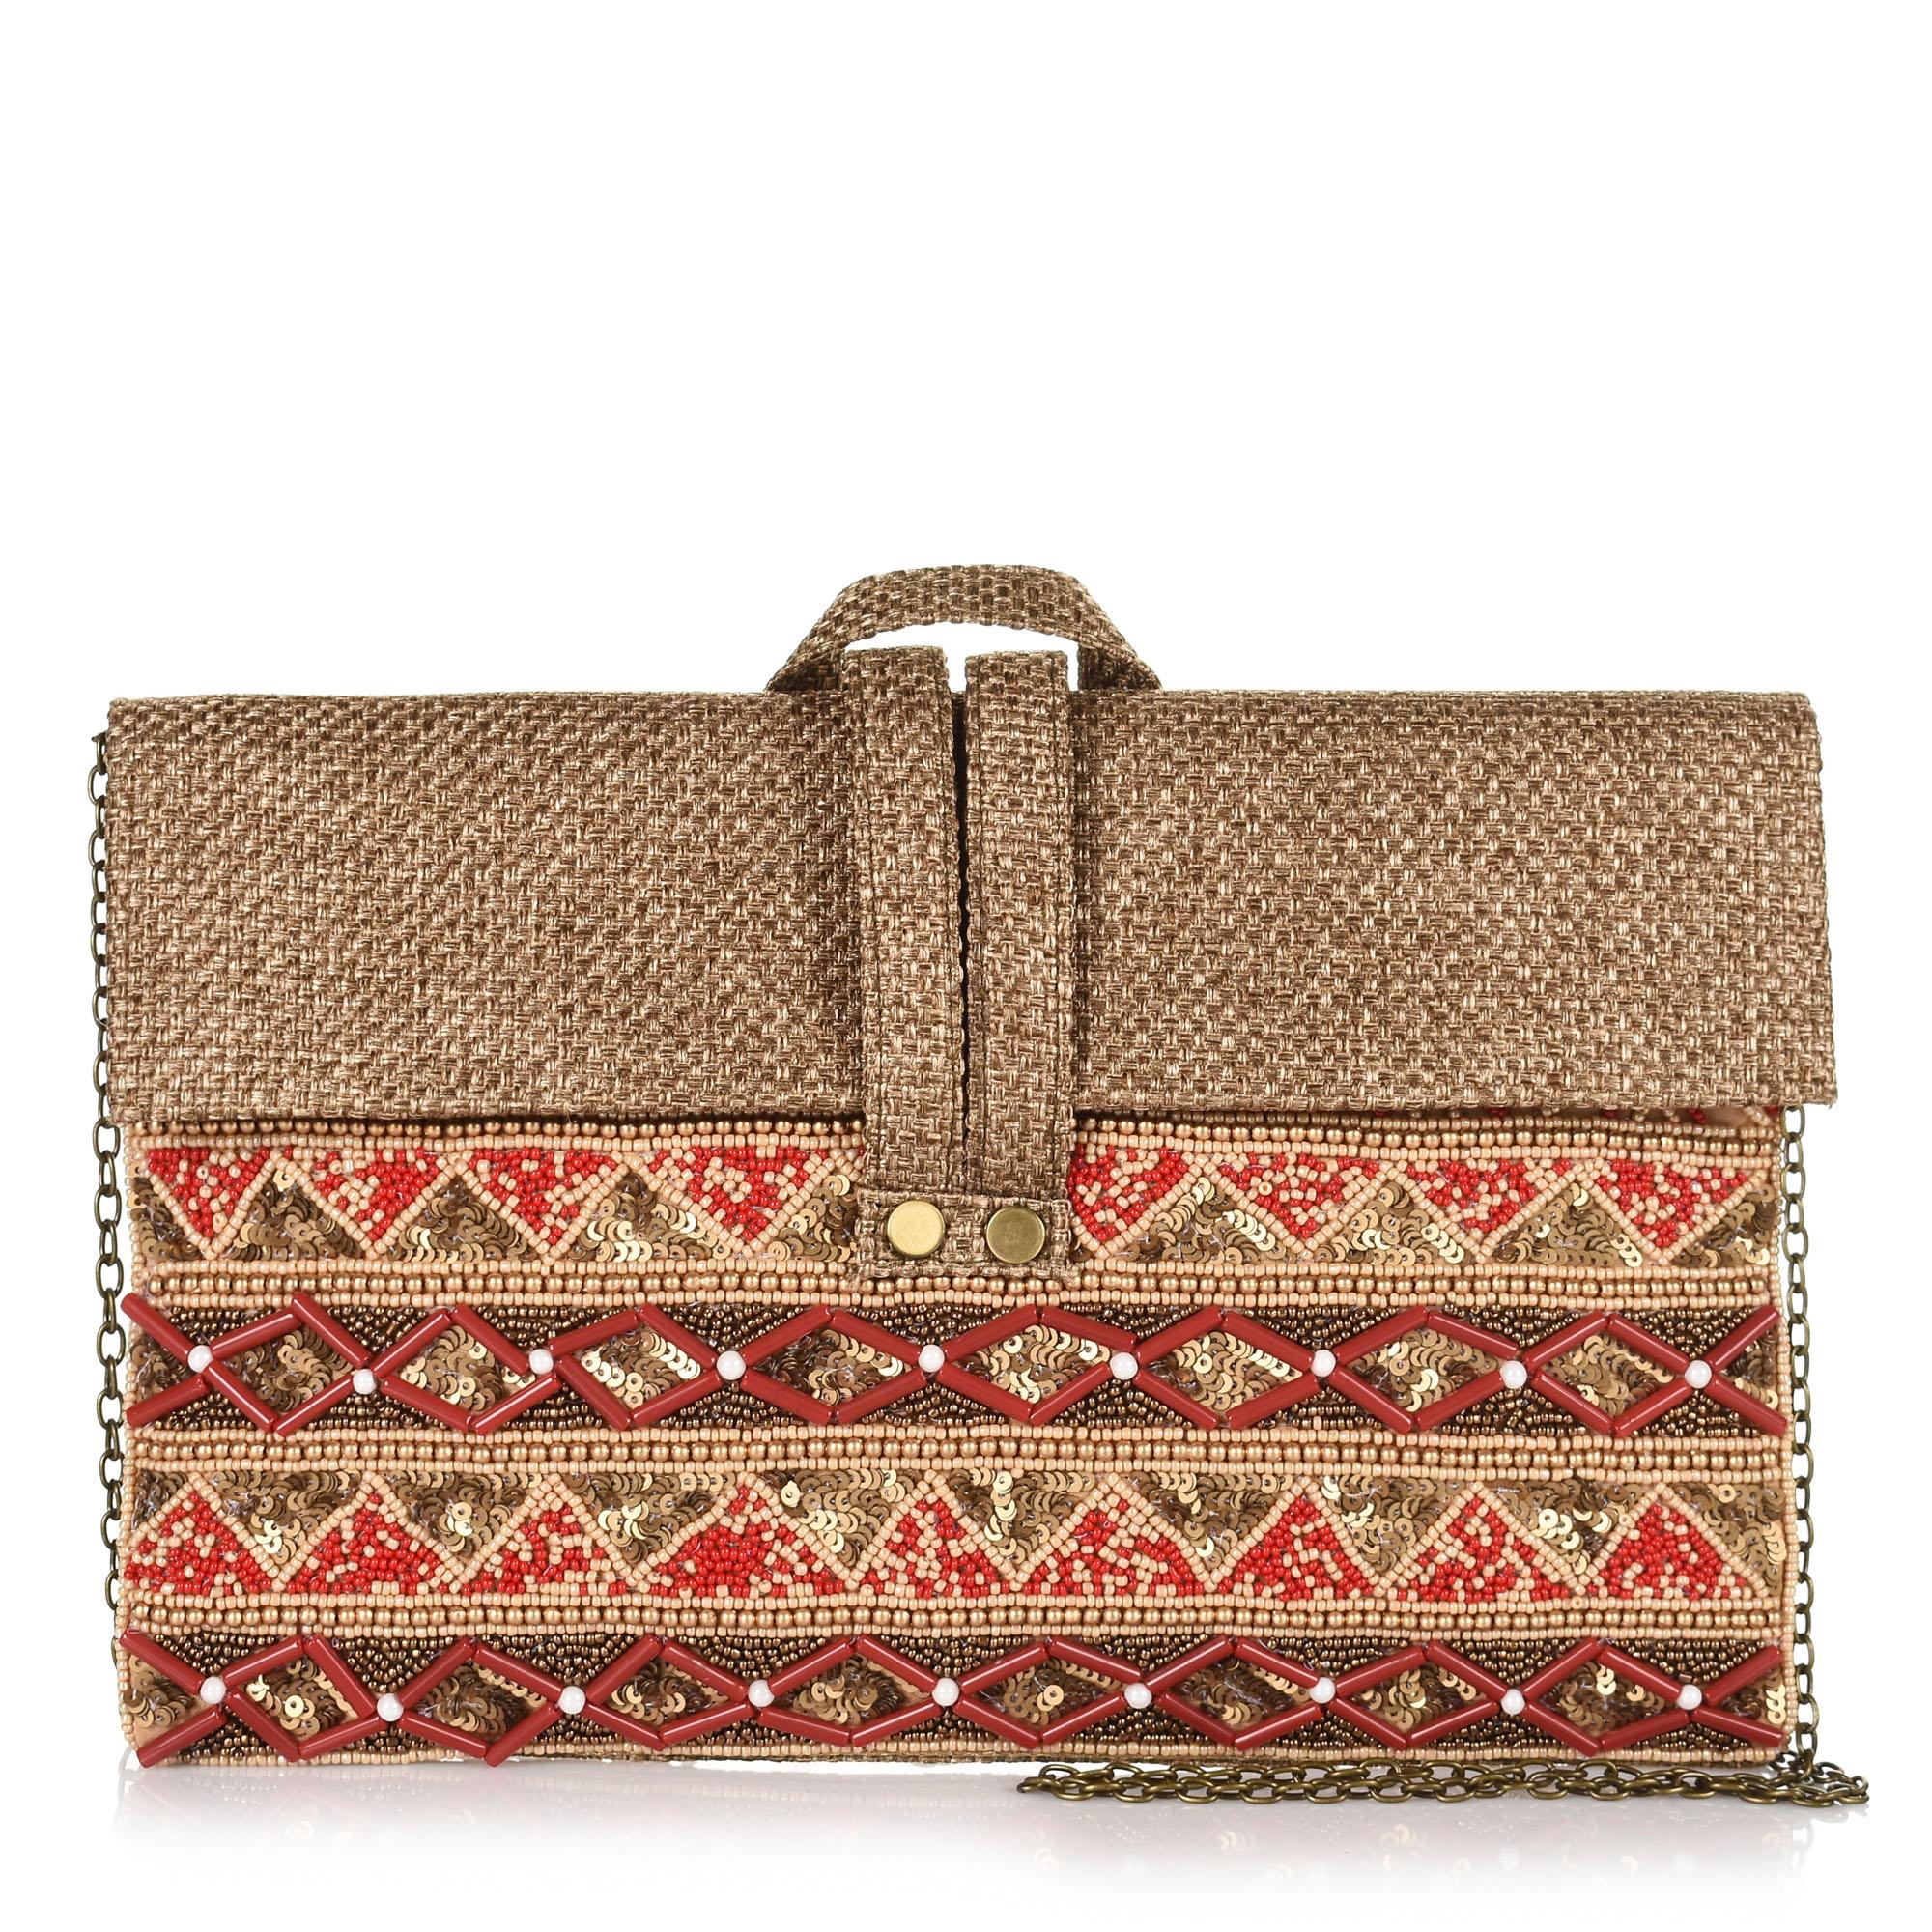 Τσαντάκι Ώμου-Xιαστί Brandbags Collection